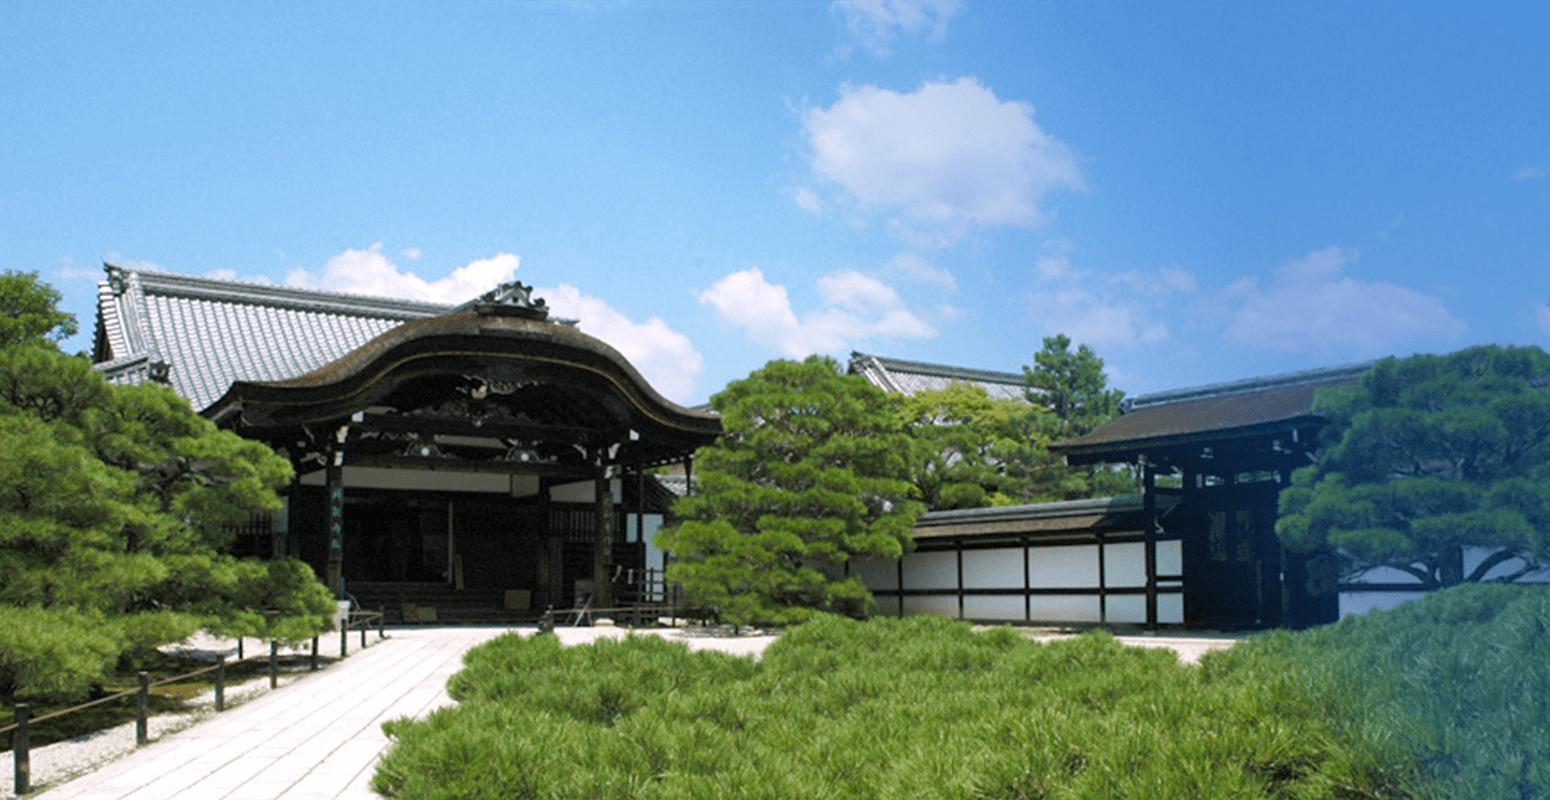 Ninna-ji (Kyoto)